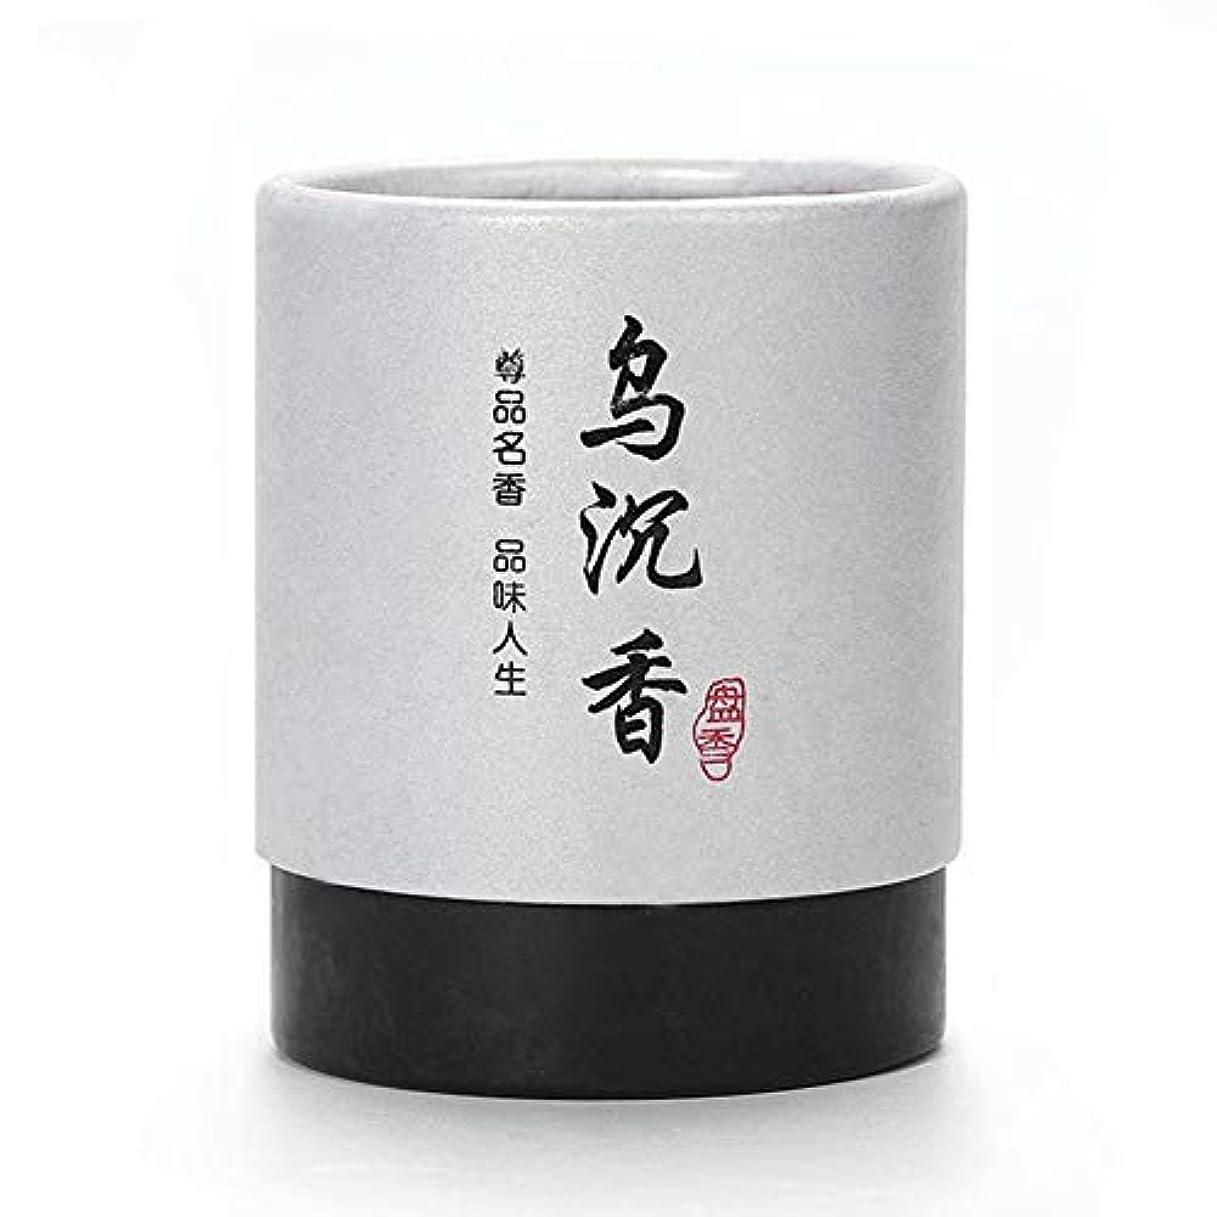 測る変形する電子レンジHwaGui お香 2時間 ビャクダン 盤香 渦巻き線香 優しい香り 48巻入 沉香 (乌沈香)